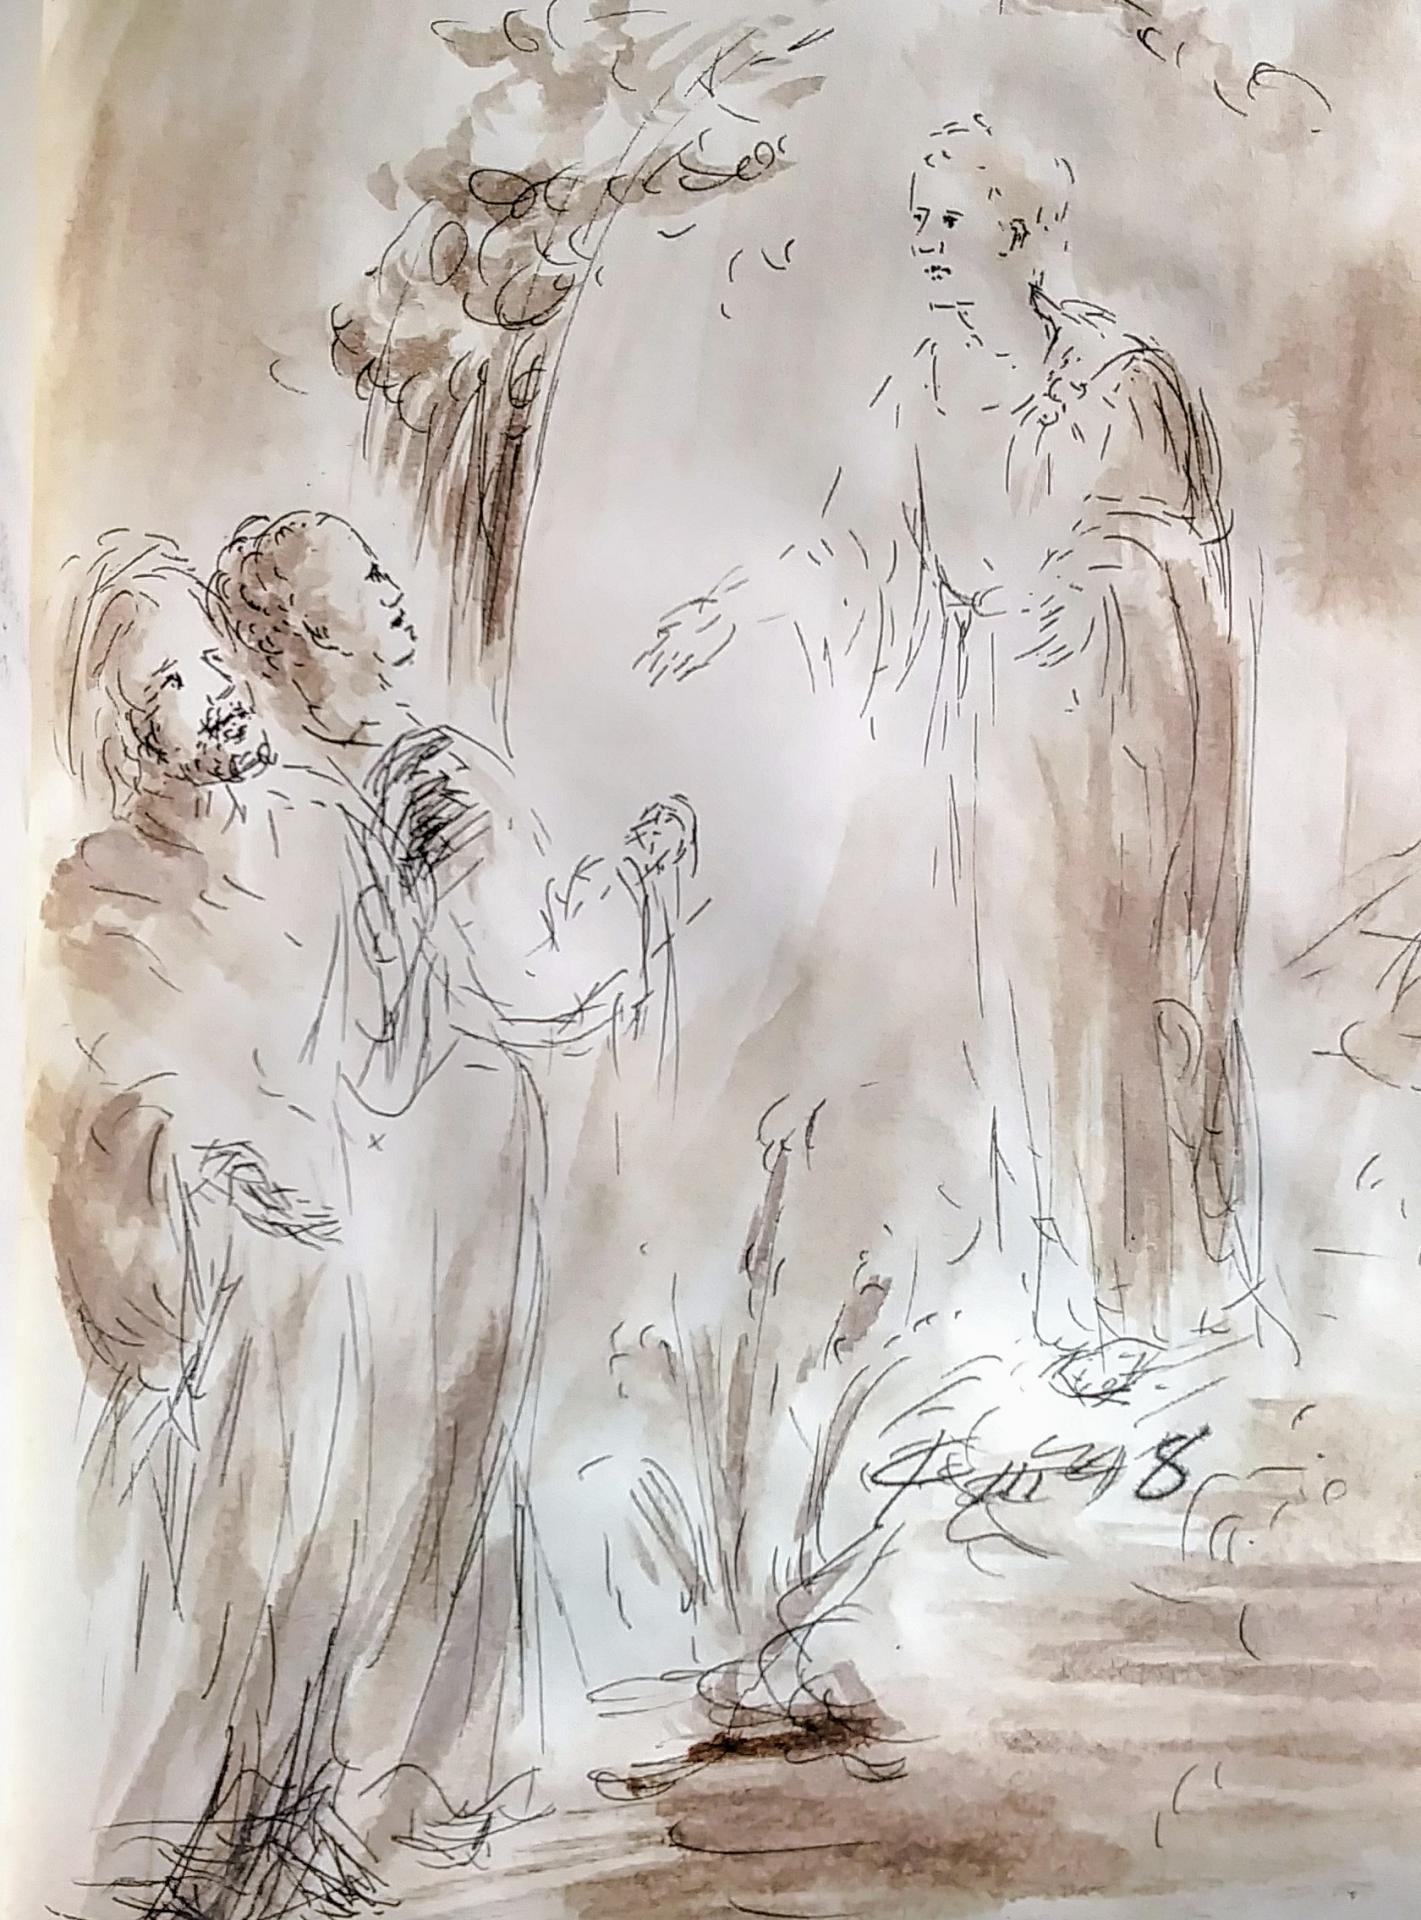 12 mars 2018 evangile du jour illustre par un dessin au lavis de jean joseph chevalier